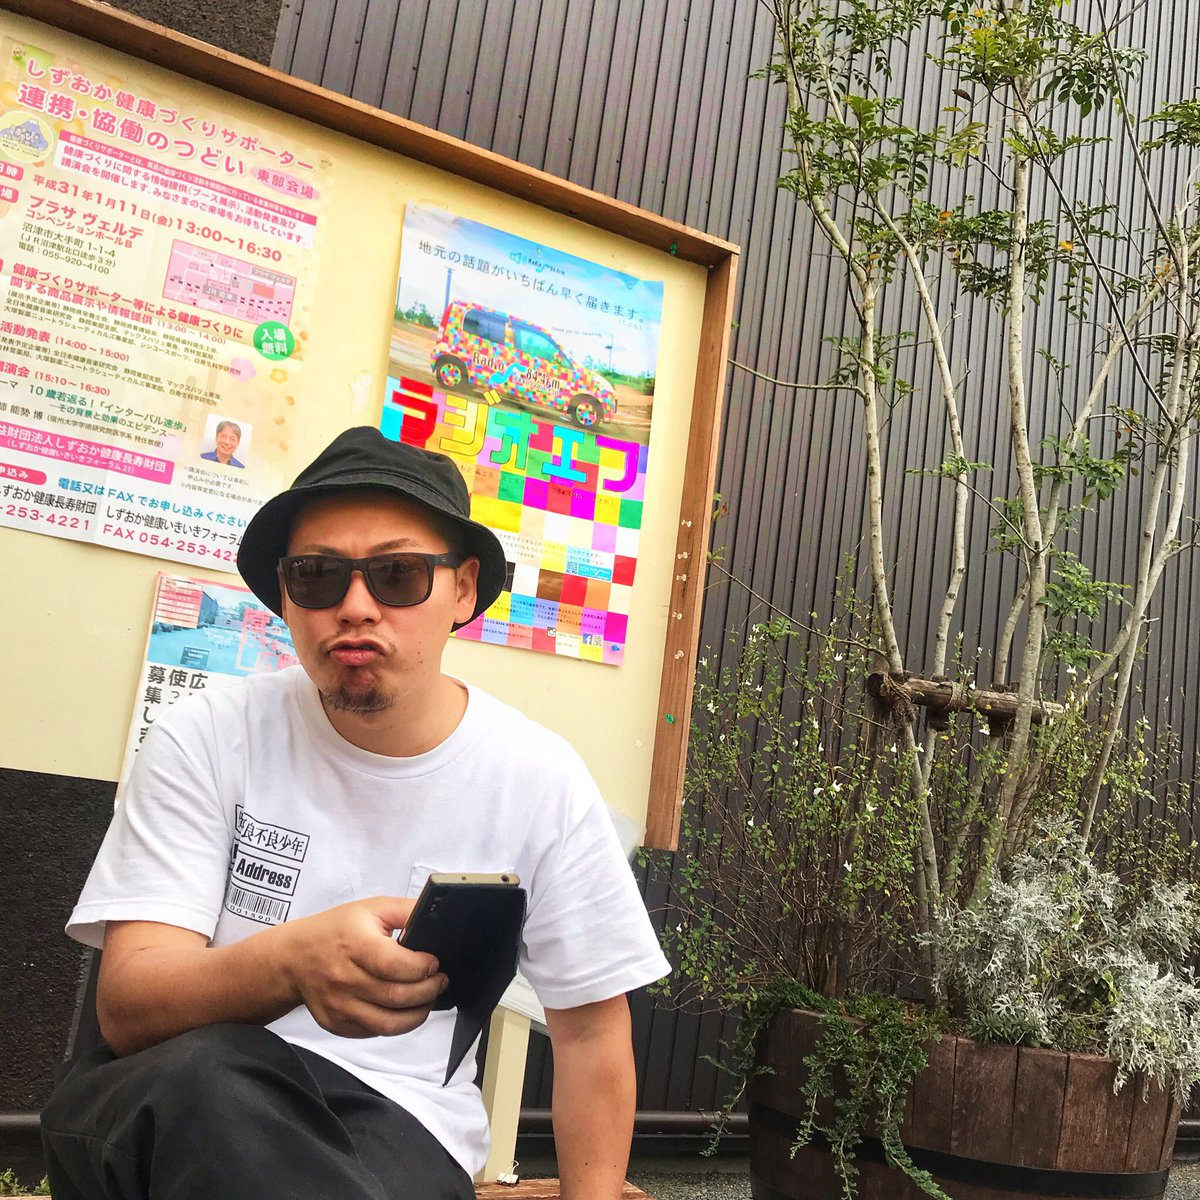 test ツイッターメディア - アニソンWOODSTOCK✨ アニソンイベントだよー! ぐっさん音響やさんしてるよー! #富士宮 #浅間大社 https://t.co/01vmcFOj6r